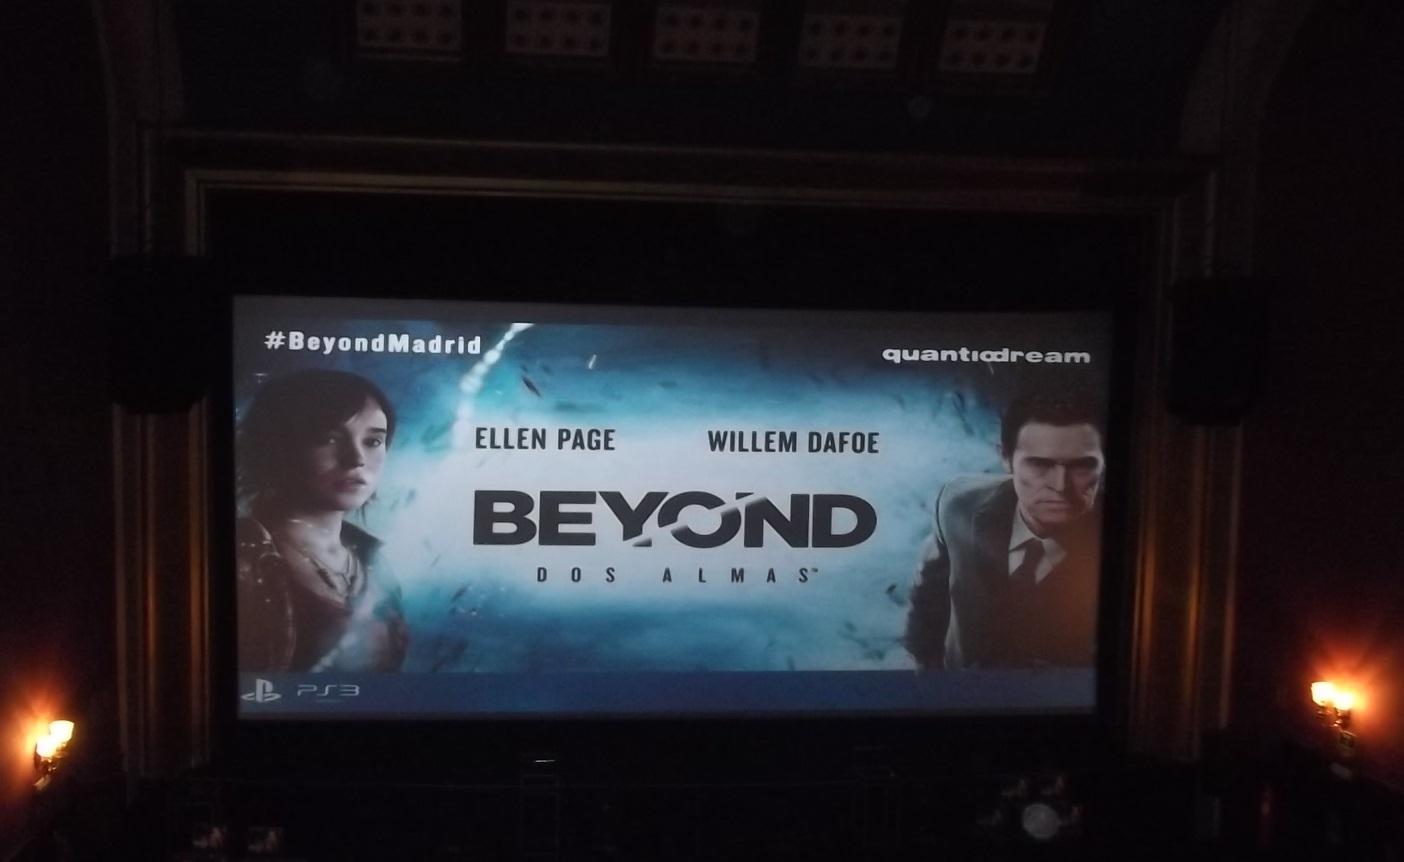 Presentación Beyond: Dos almas